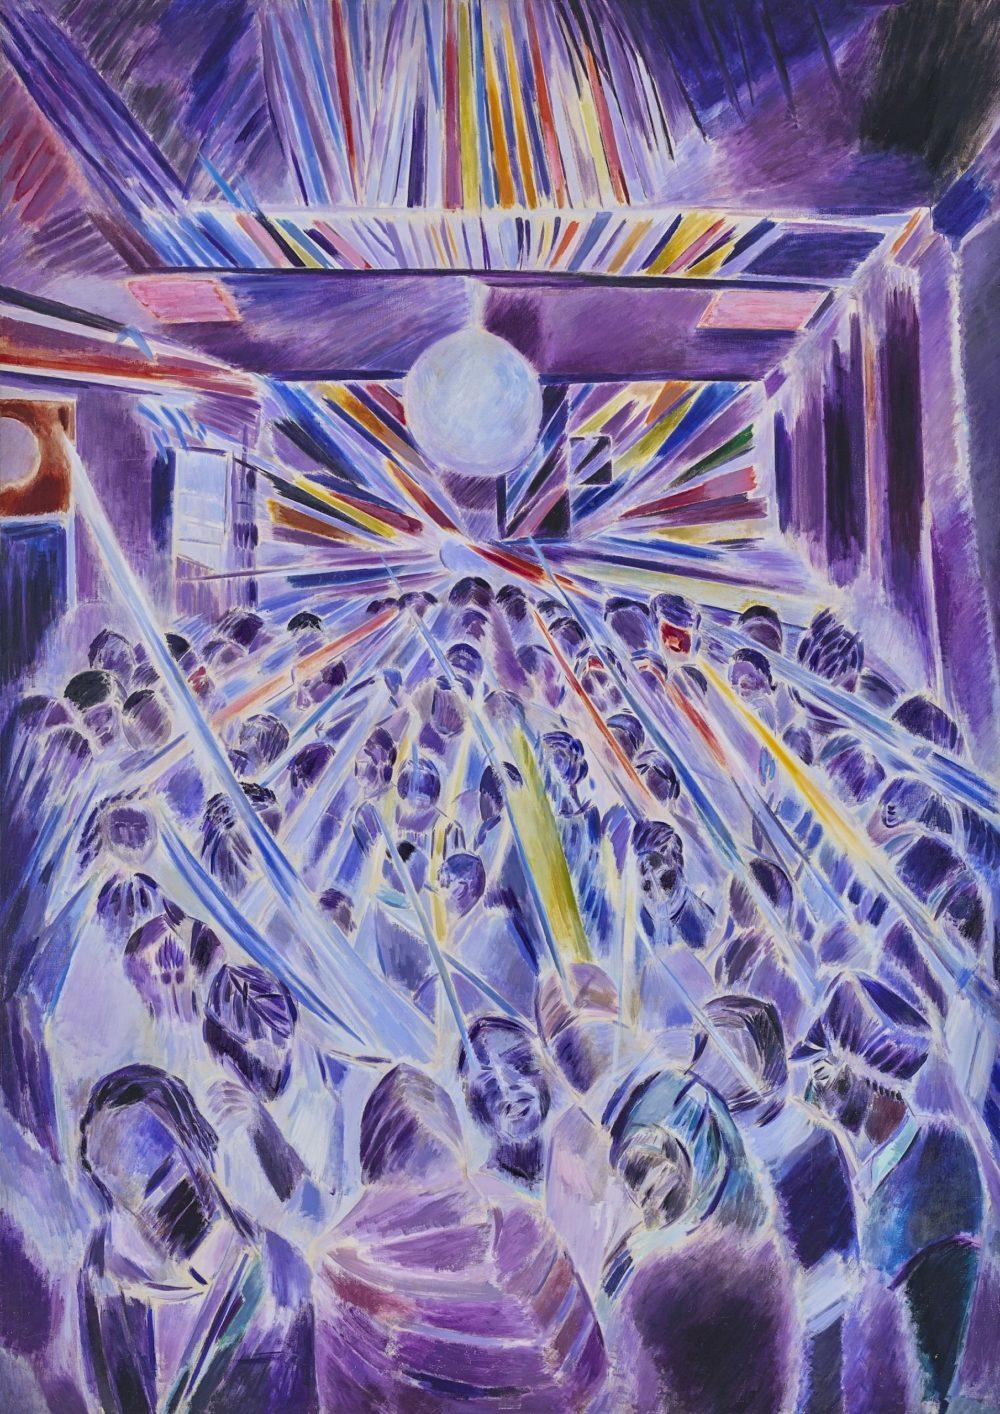 Denzil Forrester, Night Strobe (1985) Courtesy the artist and Stephen Friedman Gallery, London